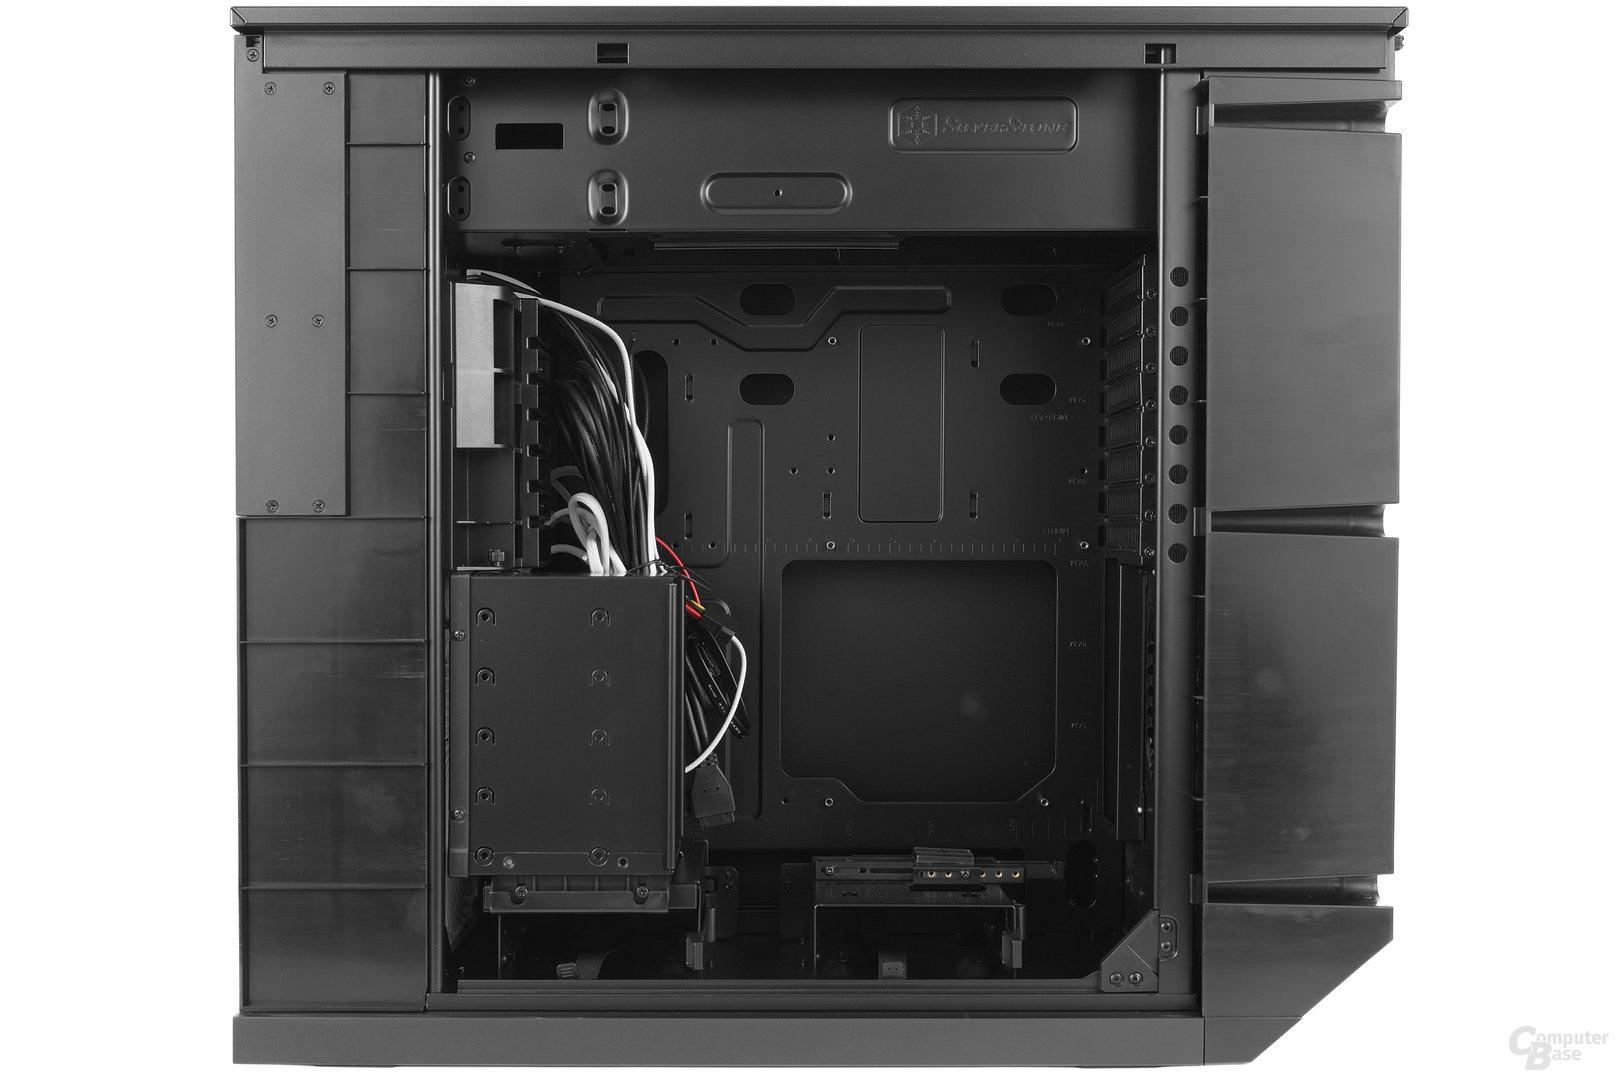 Silverstone Mammoth MM01 – Innenraumansicht